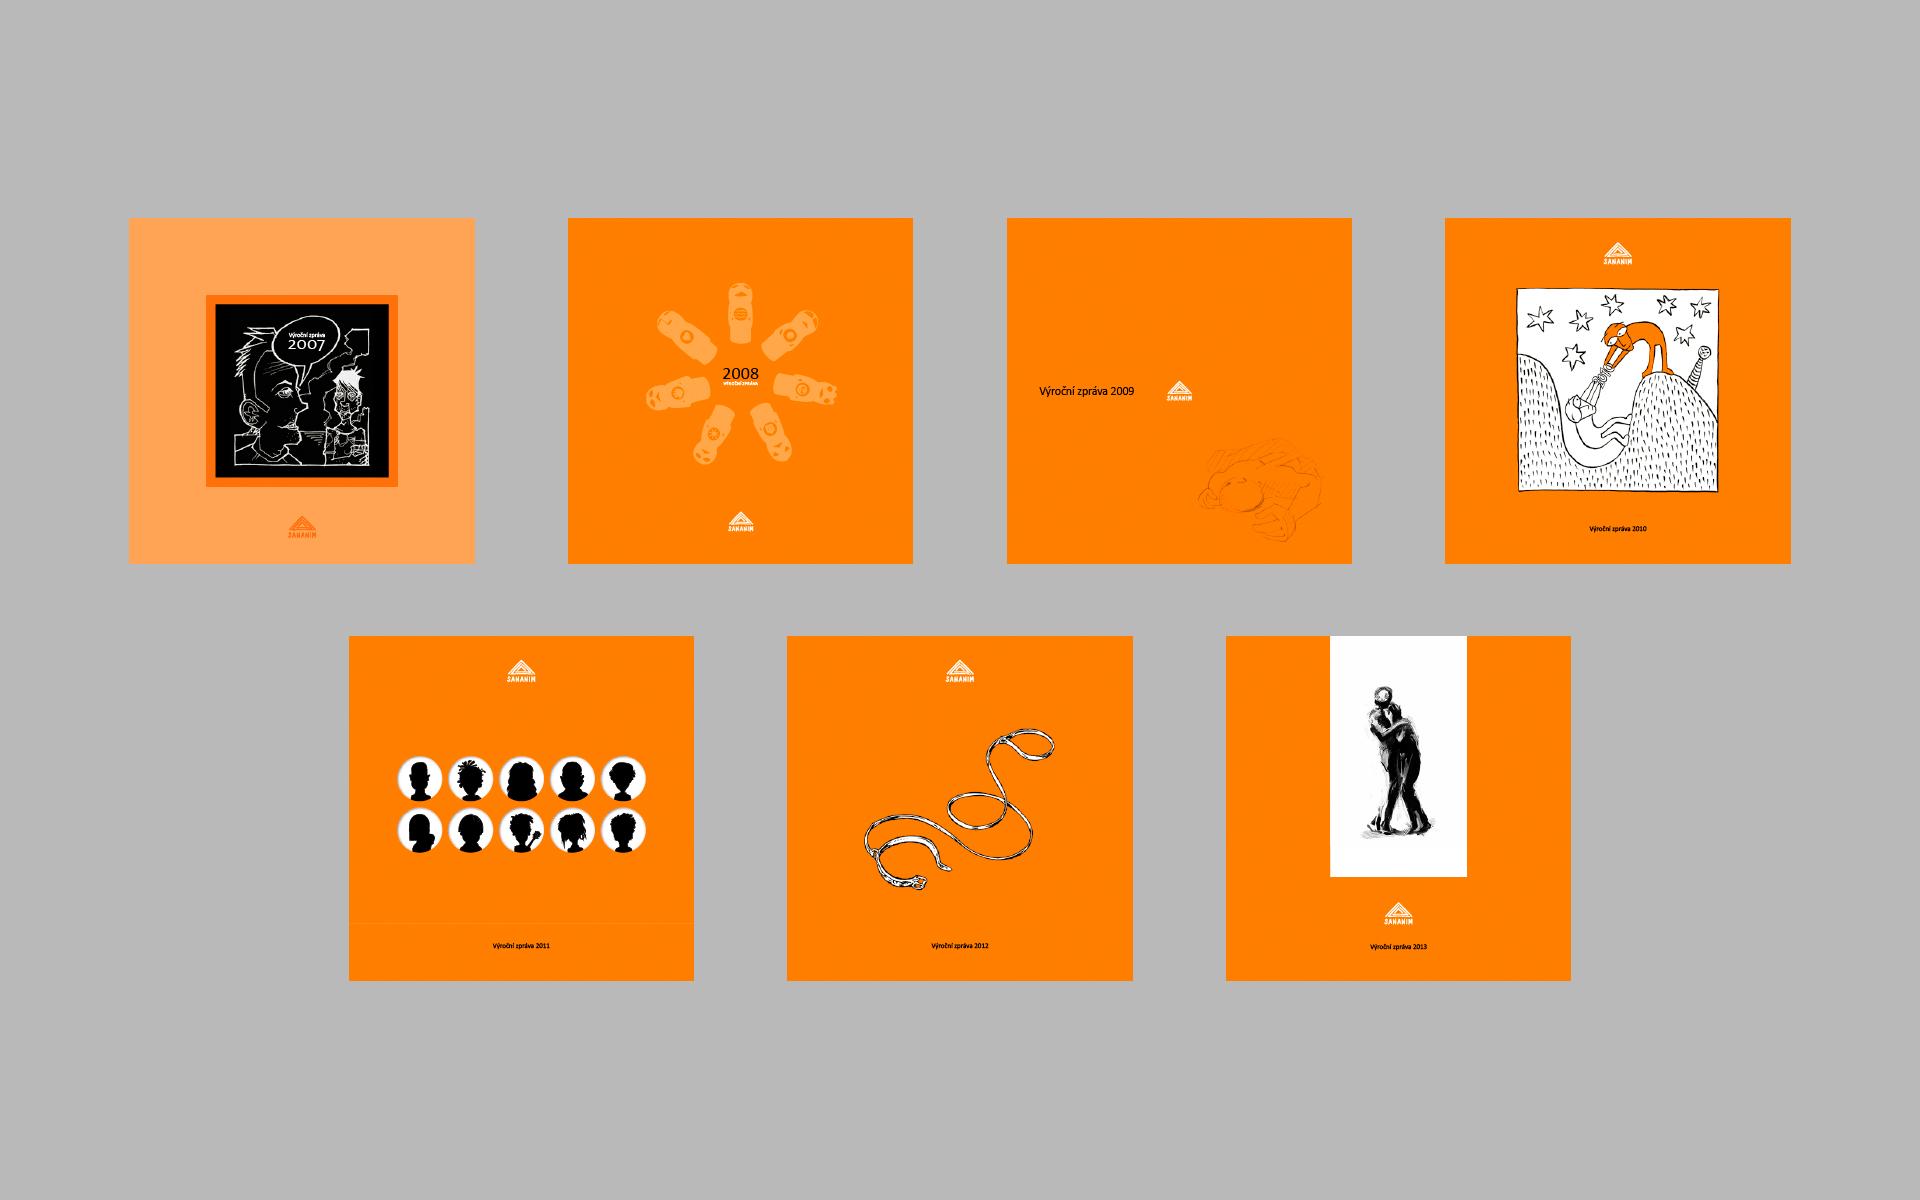 2007-2013-Sananim-Vyrocni-zpravy-Covers